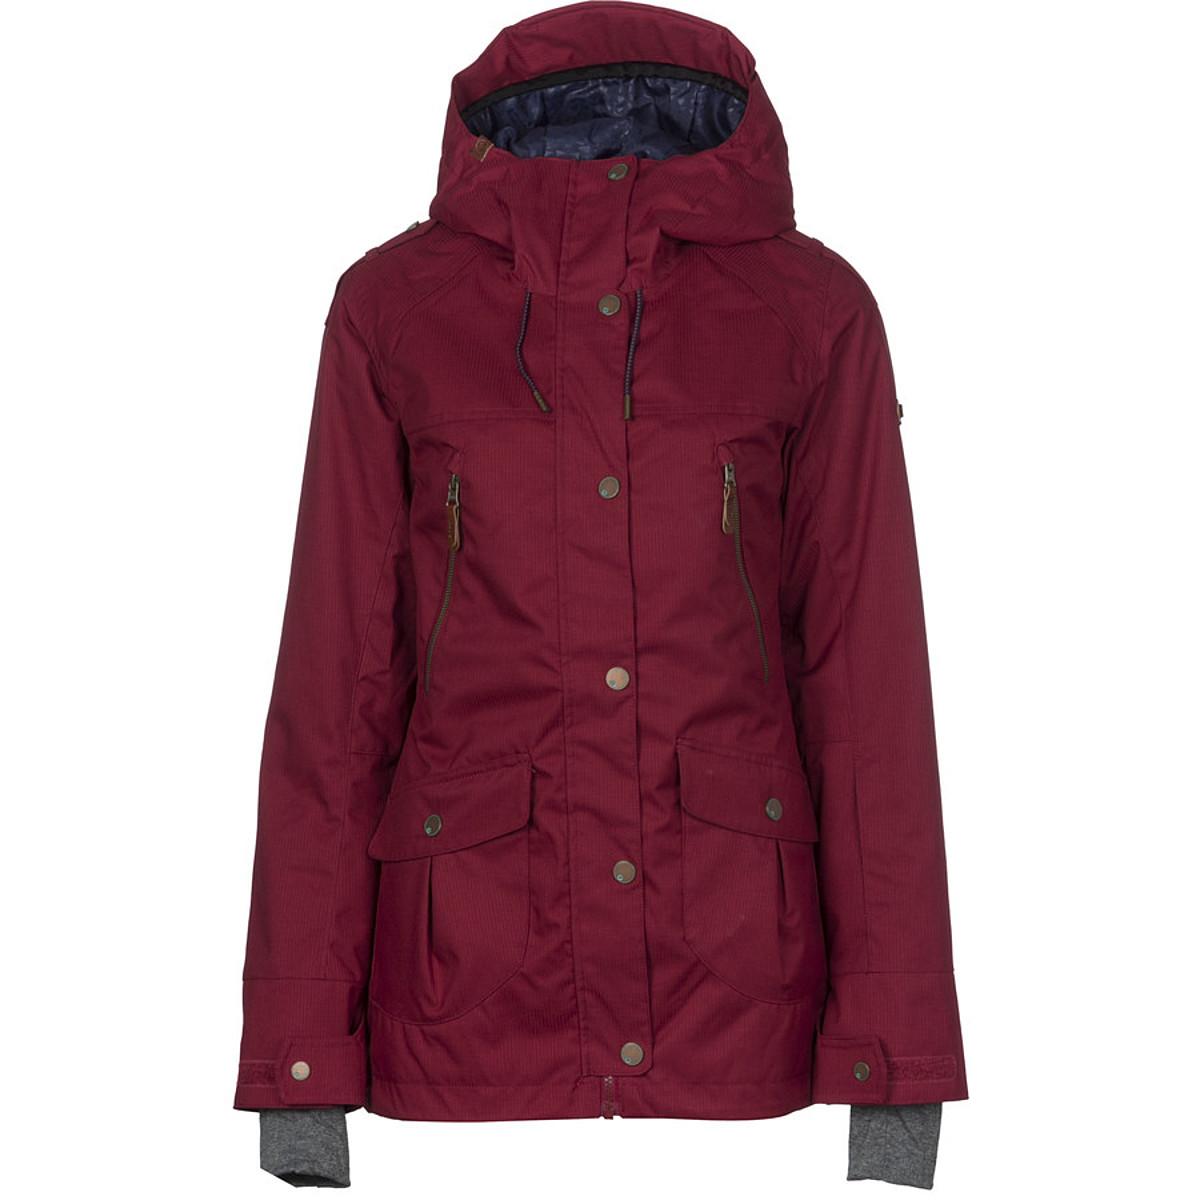 Roxy KJ Tribe Jacket